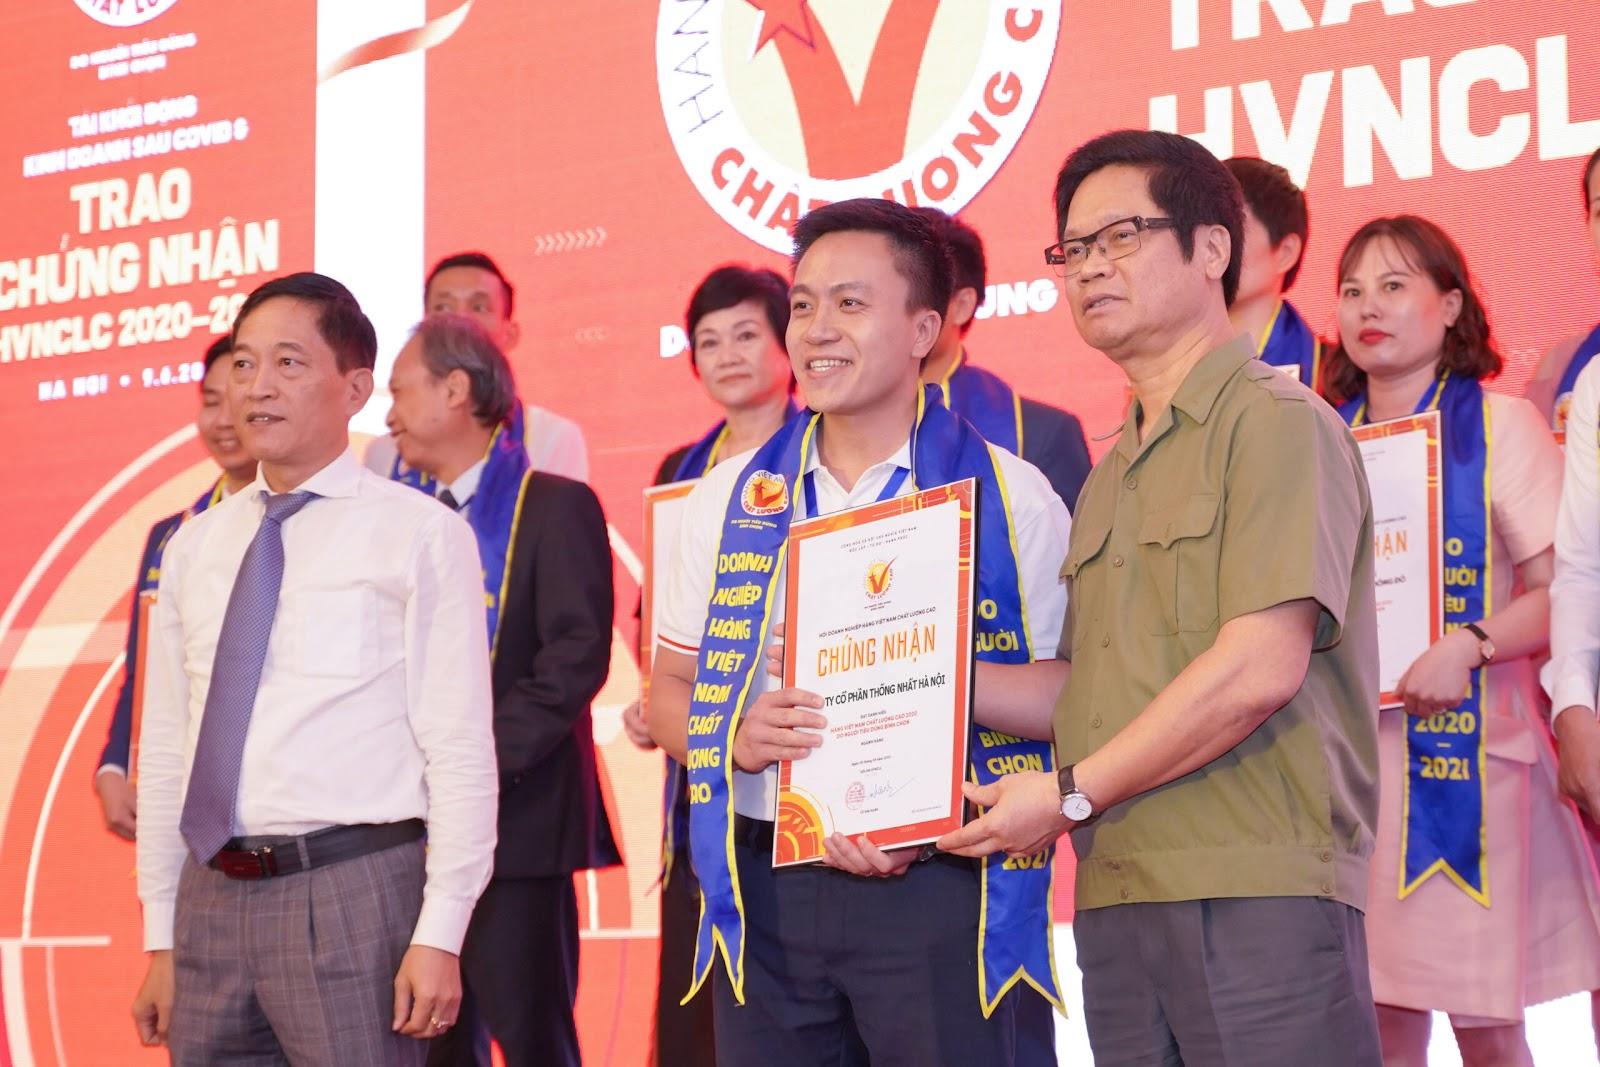 Xe đạp Thống Nhất nhận danh hiệu Hàng Việt nam chất lượng cao 2020-2021 - Xe Đạp Thống Nhất